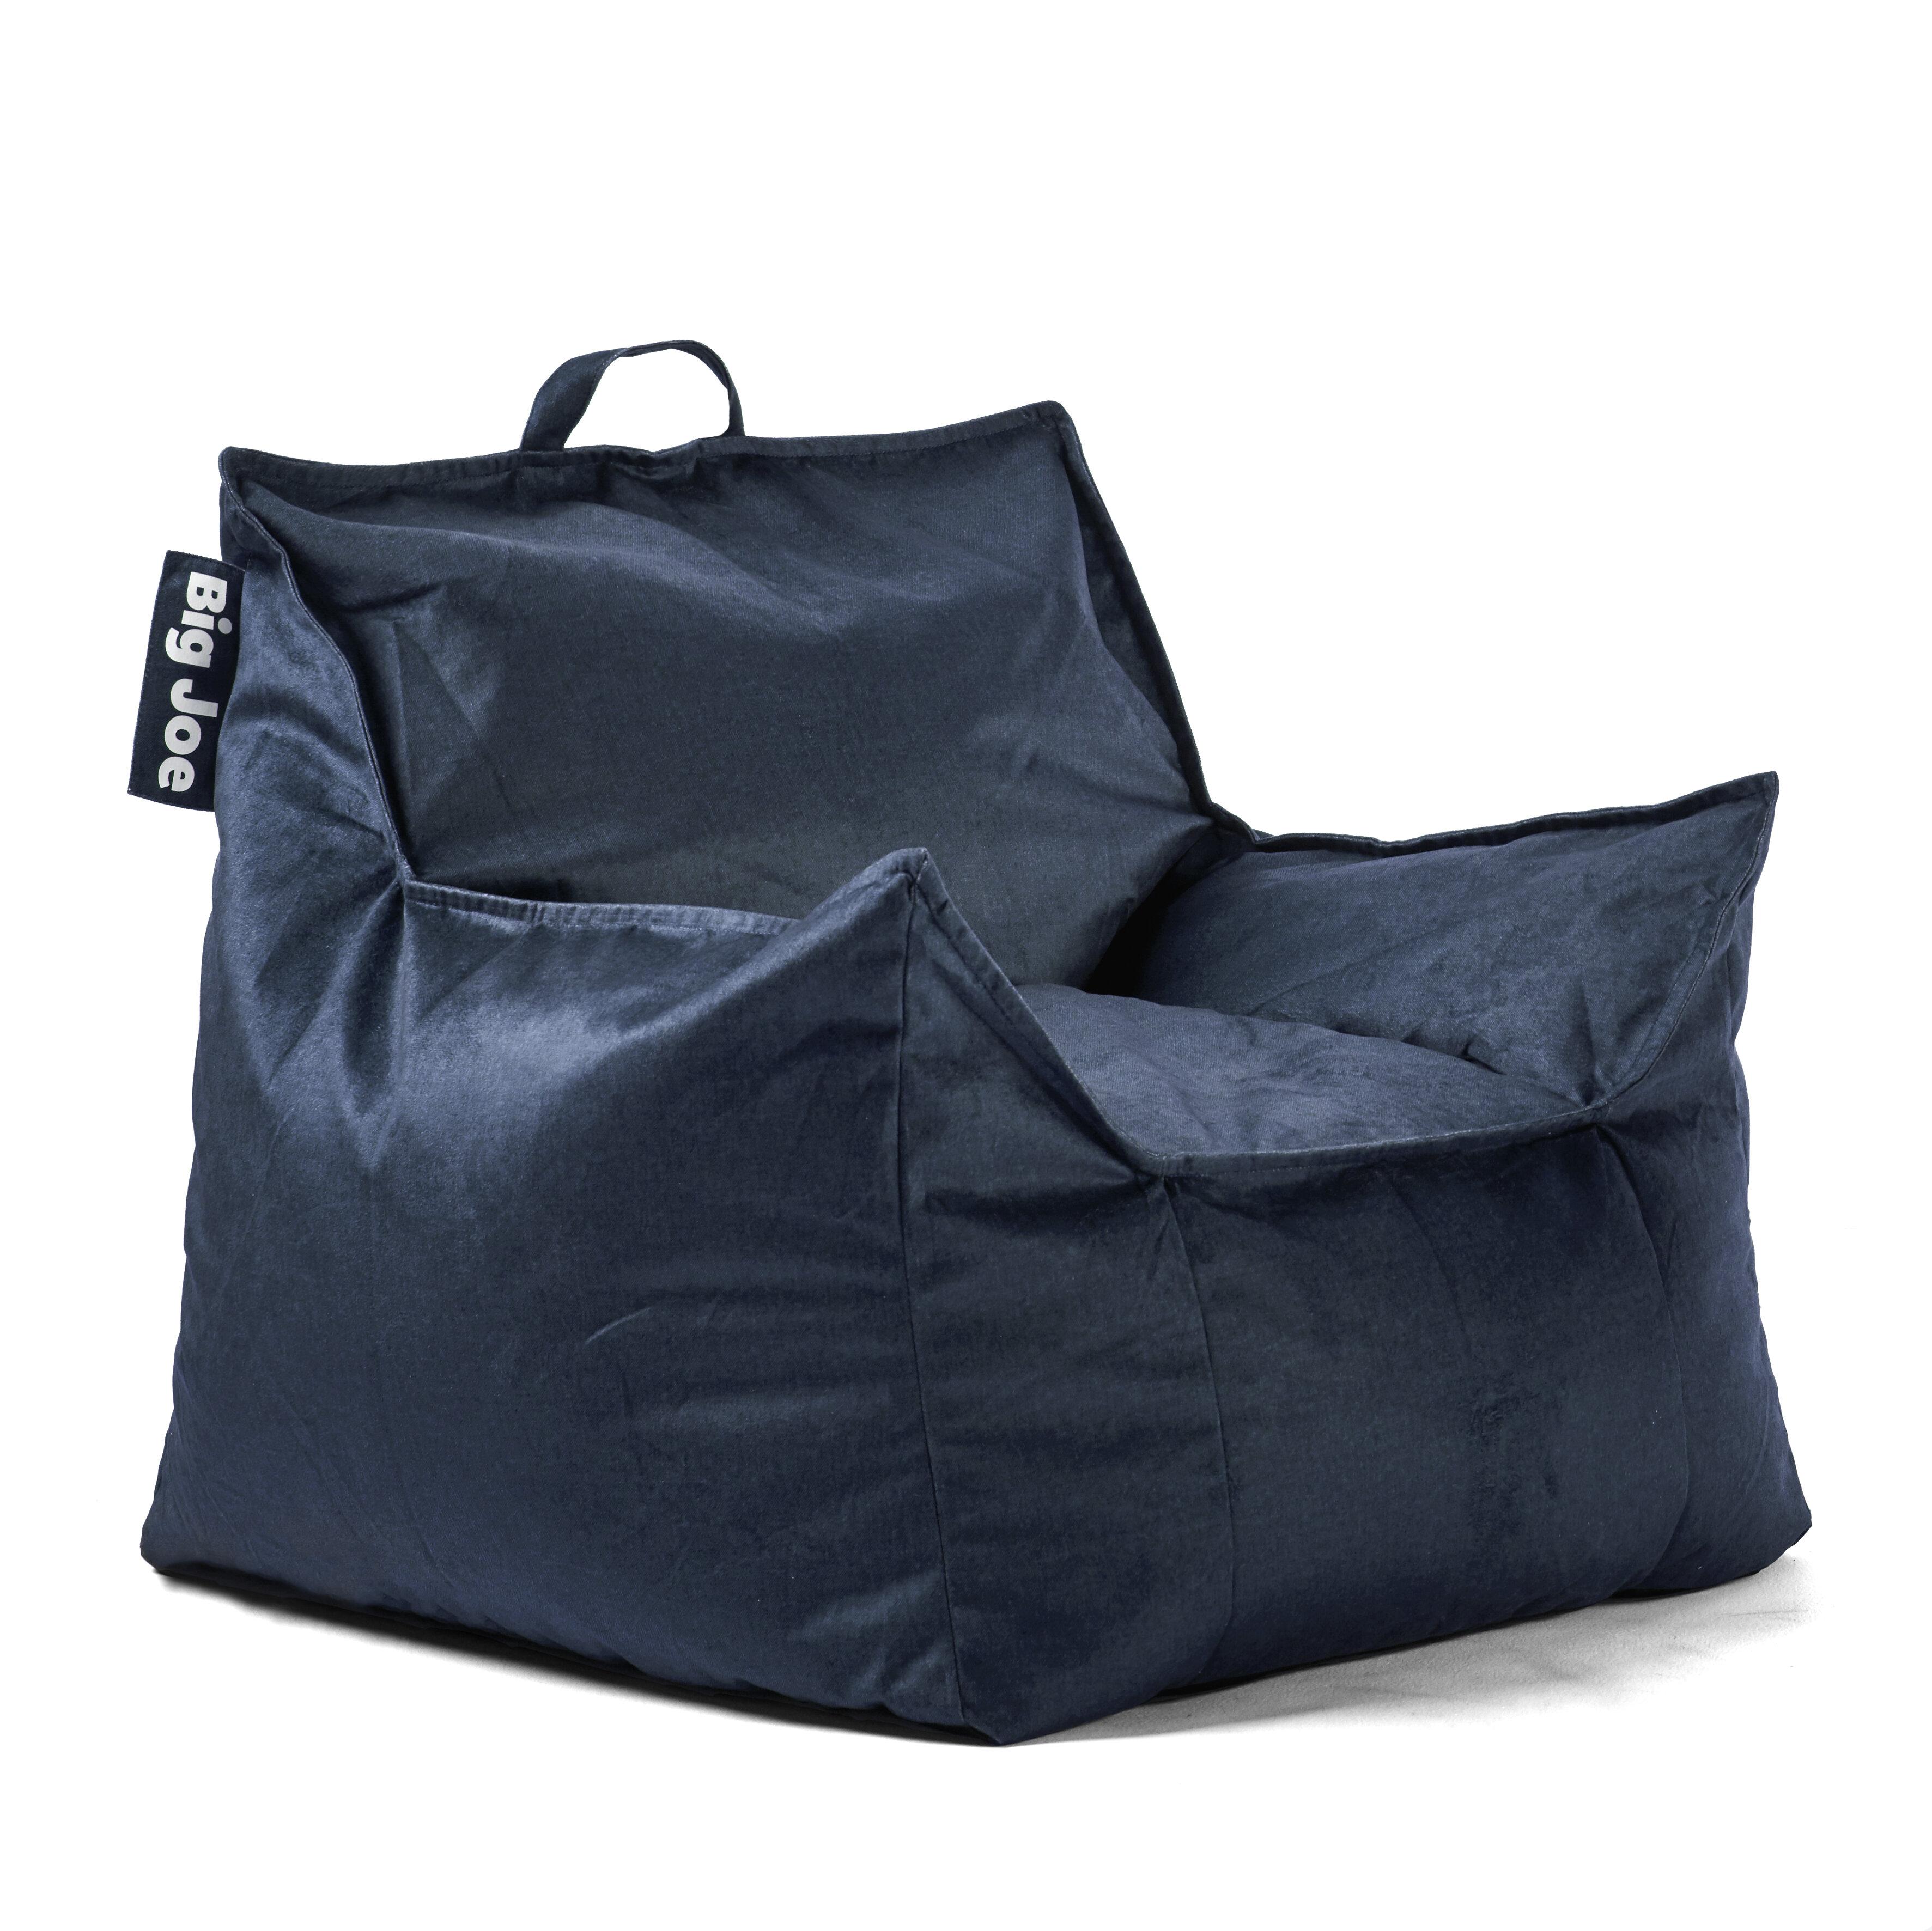 Surprising Comfort Research Big Joe Bean Bag Chair Reviews Wayfair Theyellowbook Wood Chair Design Ideas Theyellowbookinfo